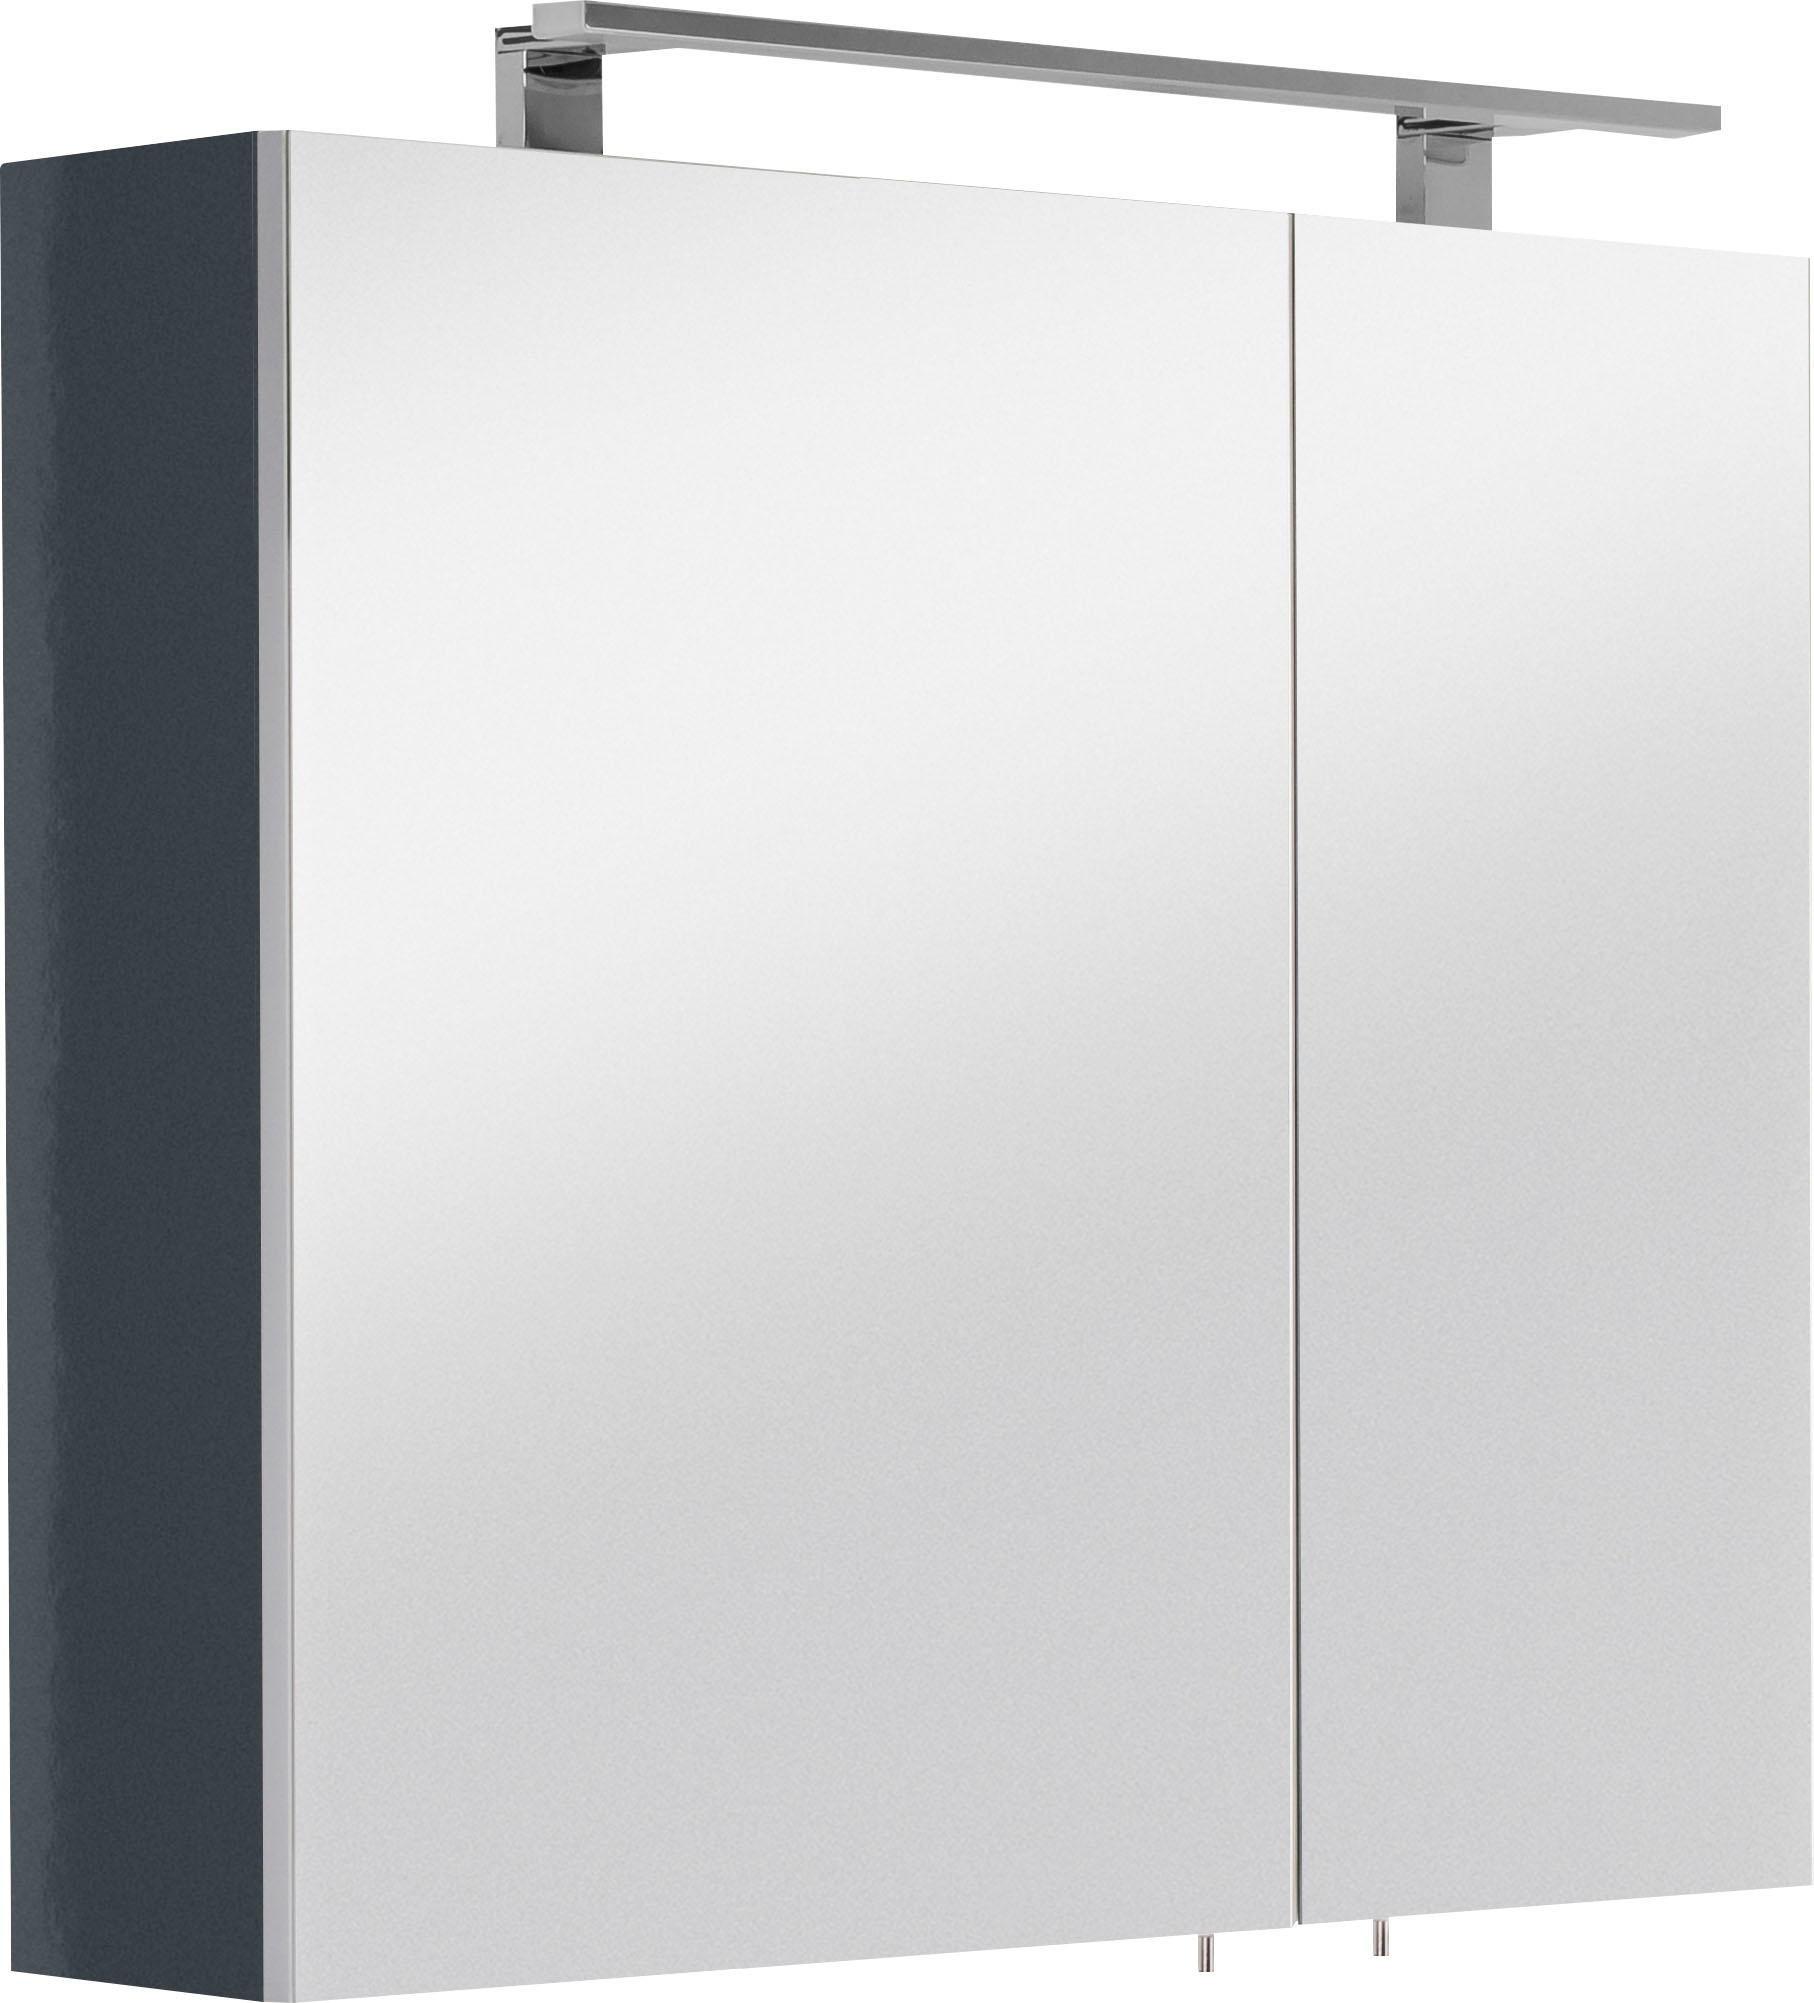 OPTIFIT spiegelkast Mino Breedte 80 cm nu online bestellen